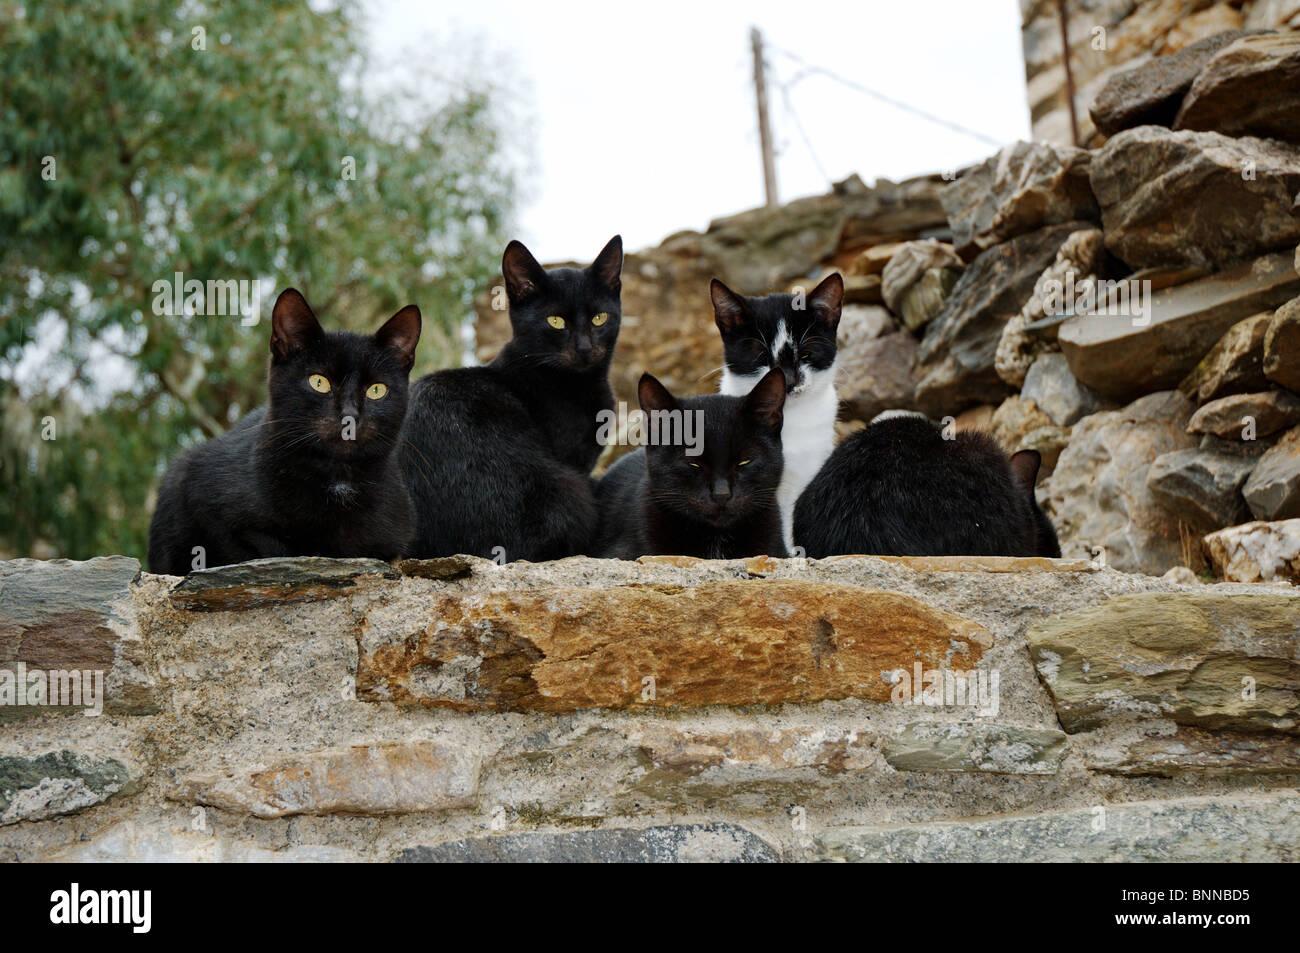 Katze Katzen Säugetier Säugetiere Haustier Haustiere Katzenfamilie griechische Katzen Gesamtansicht Griechenland Immagini Stock